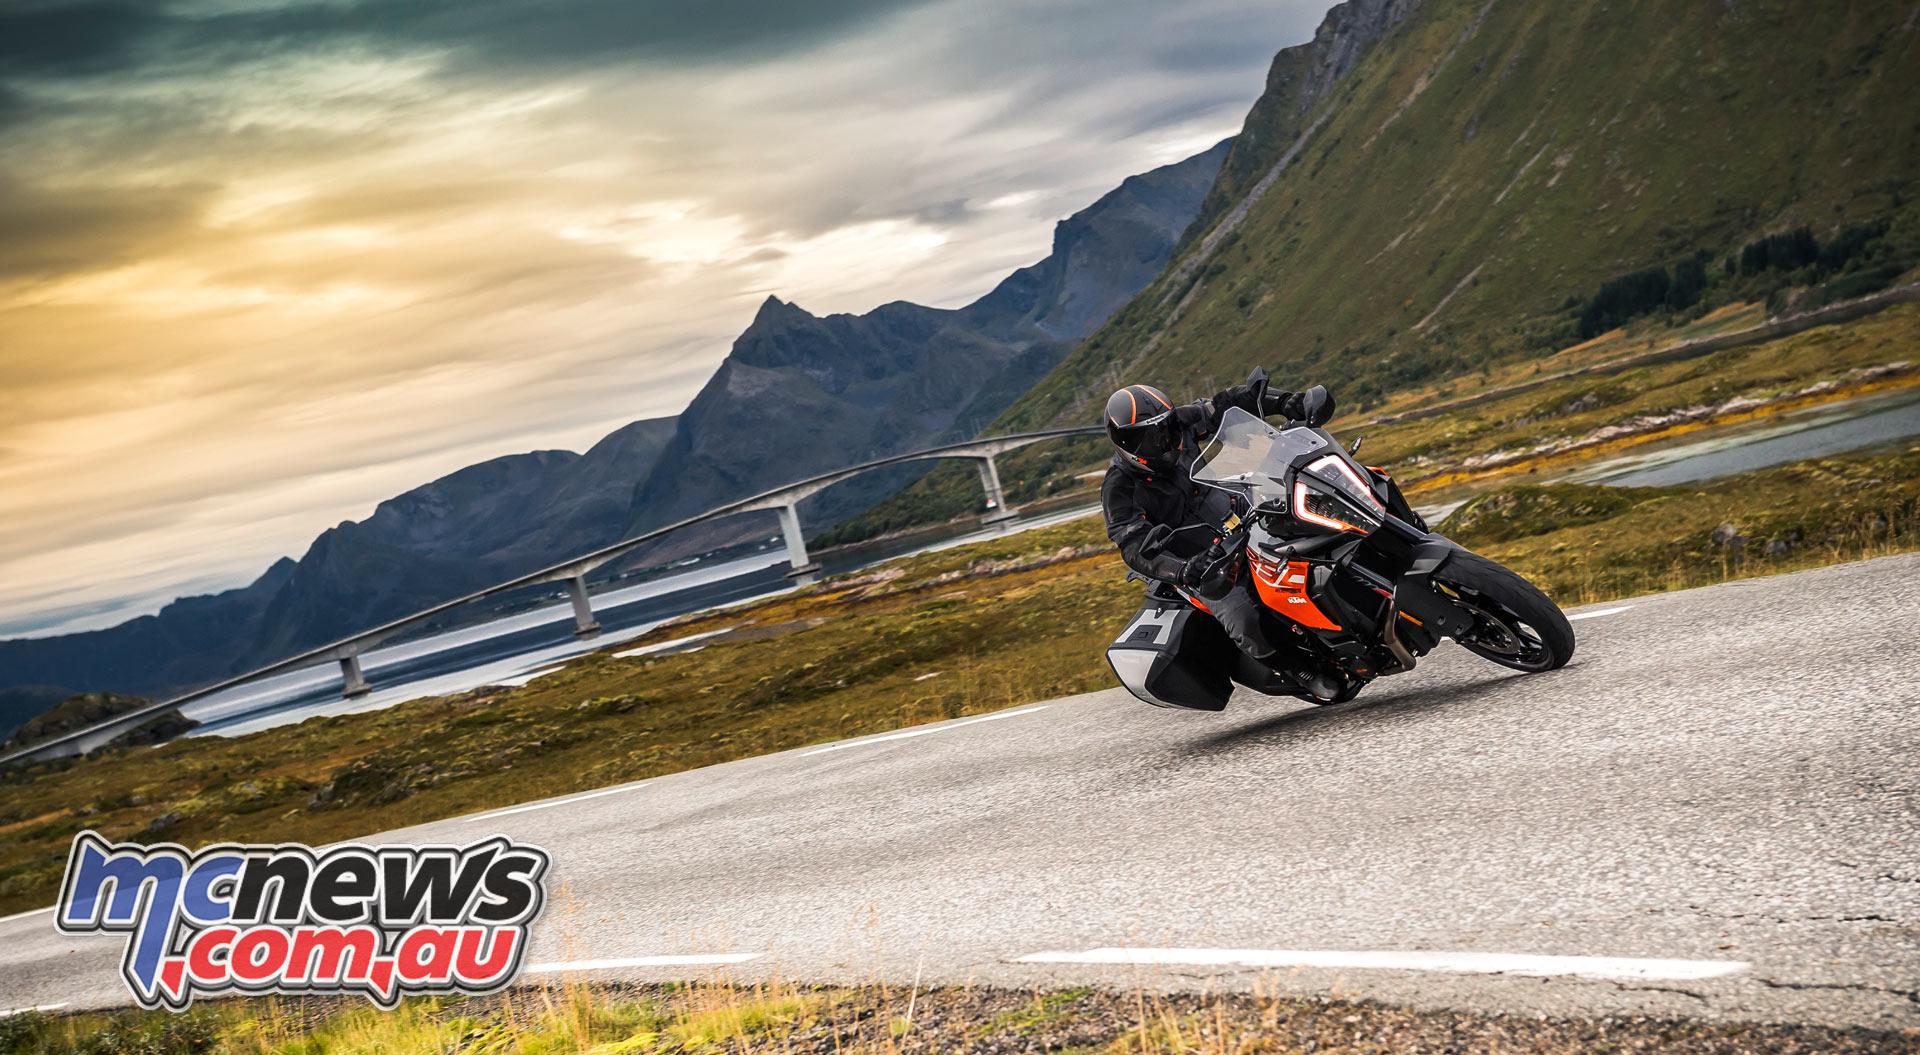 2017 Ktm 1290 Super Adventure S Mcnews Com Au